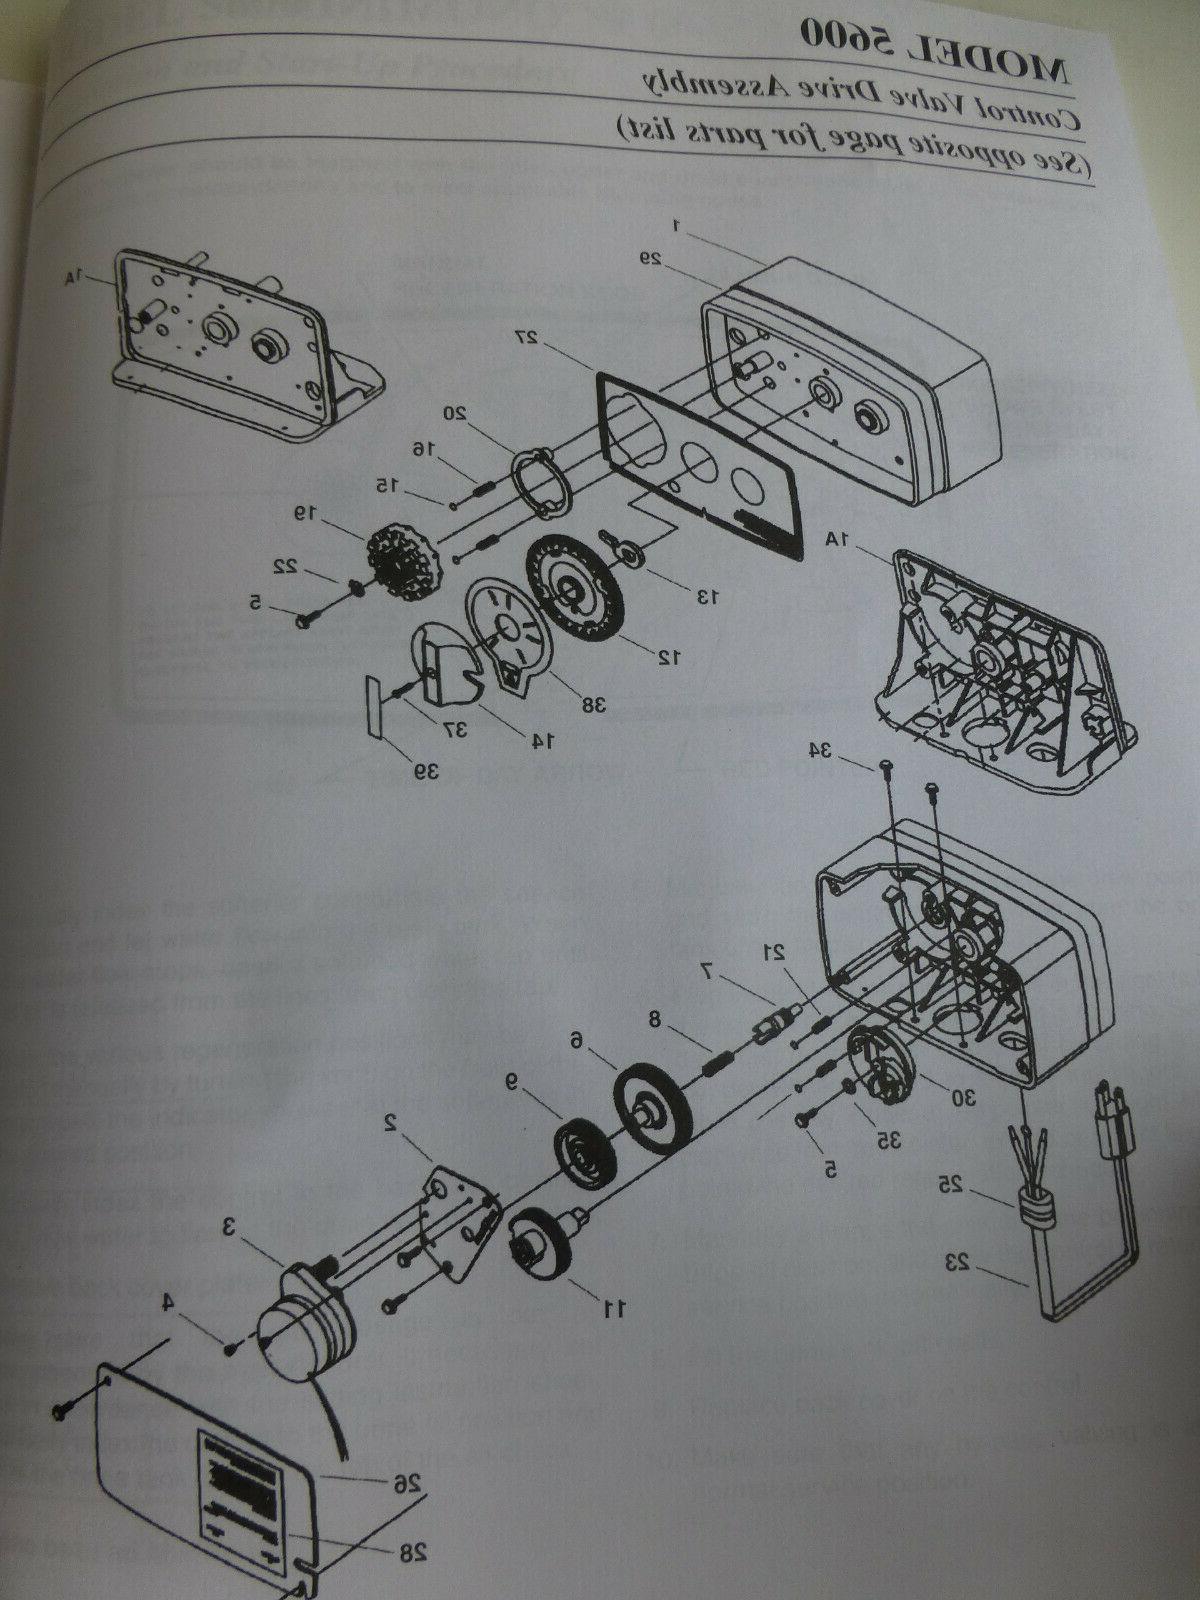 Model 5600 kit & service manual 60900-38 softener